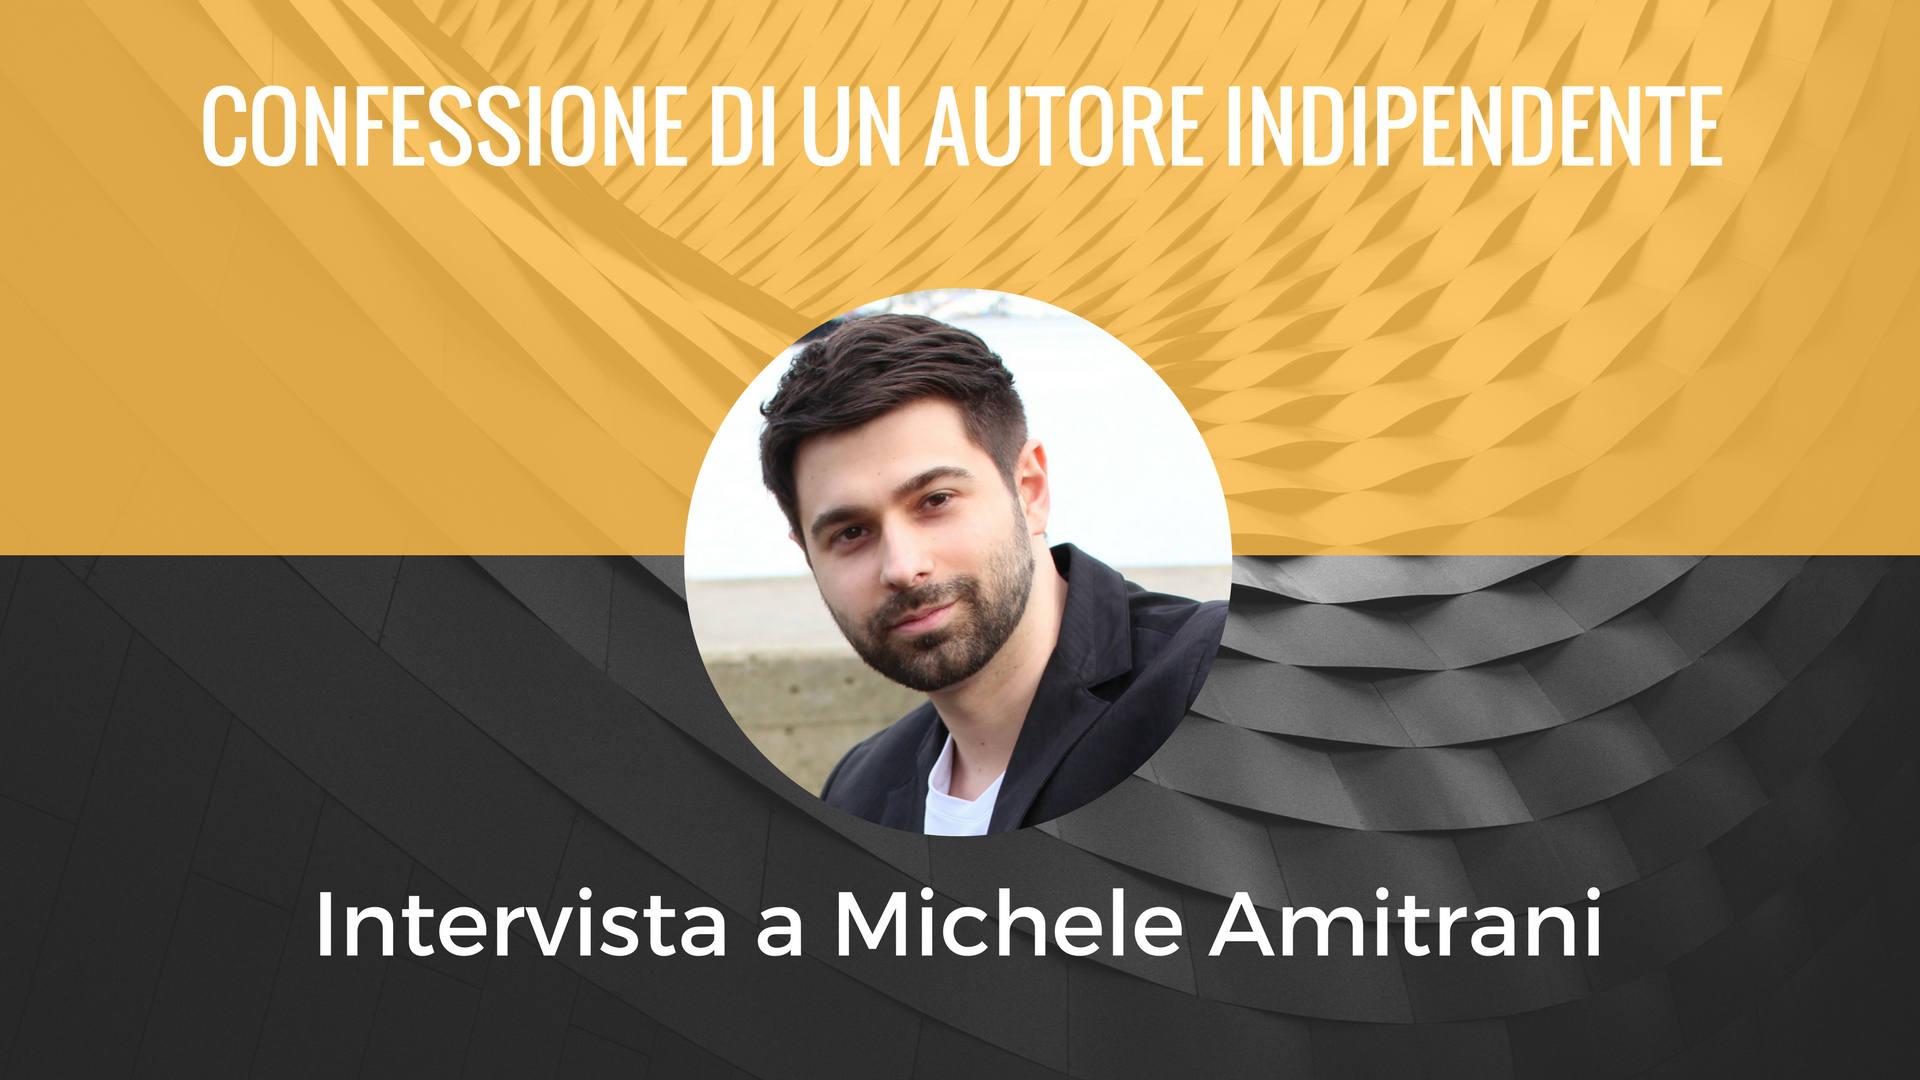 Intervista a Michele Amitrani